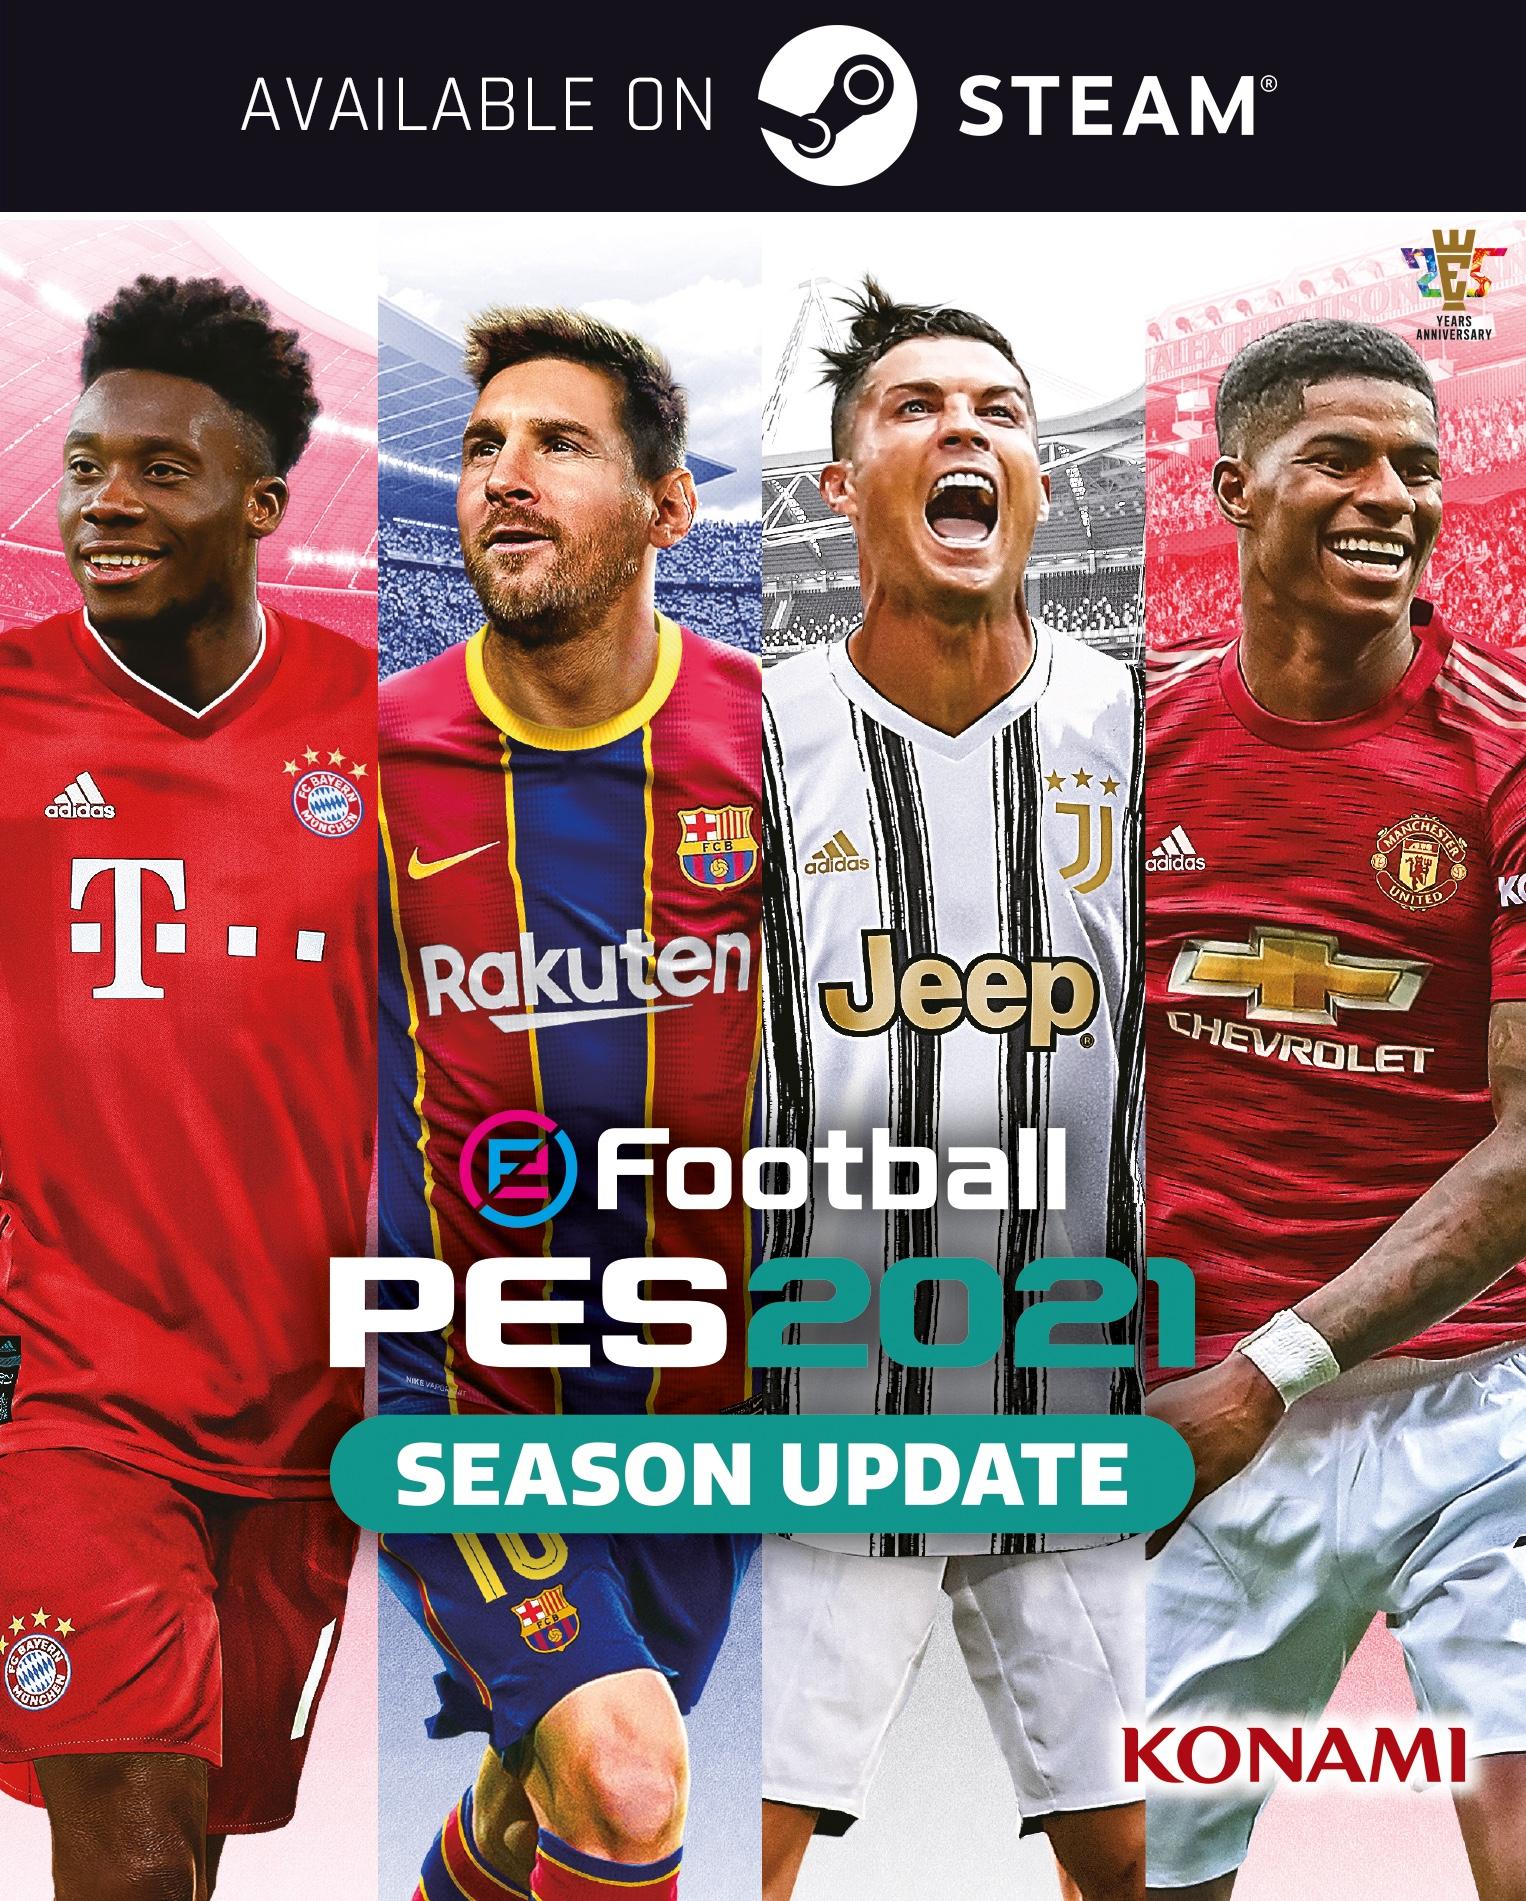 Messi et Ronaldo réunis sur la jaquette de PES 2021 — E-Sport